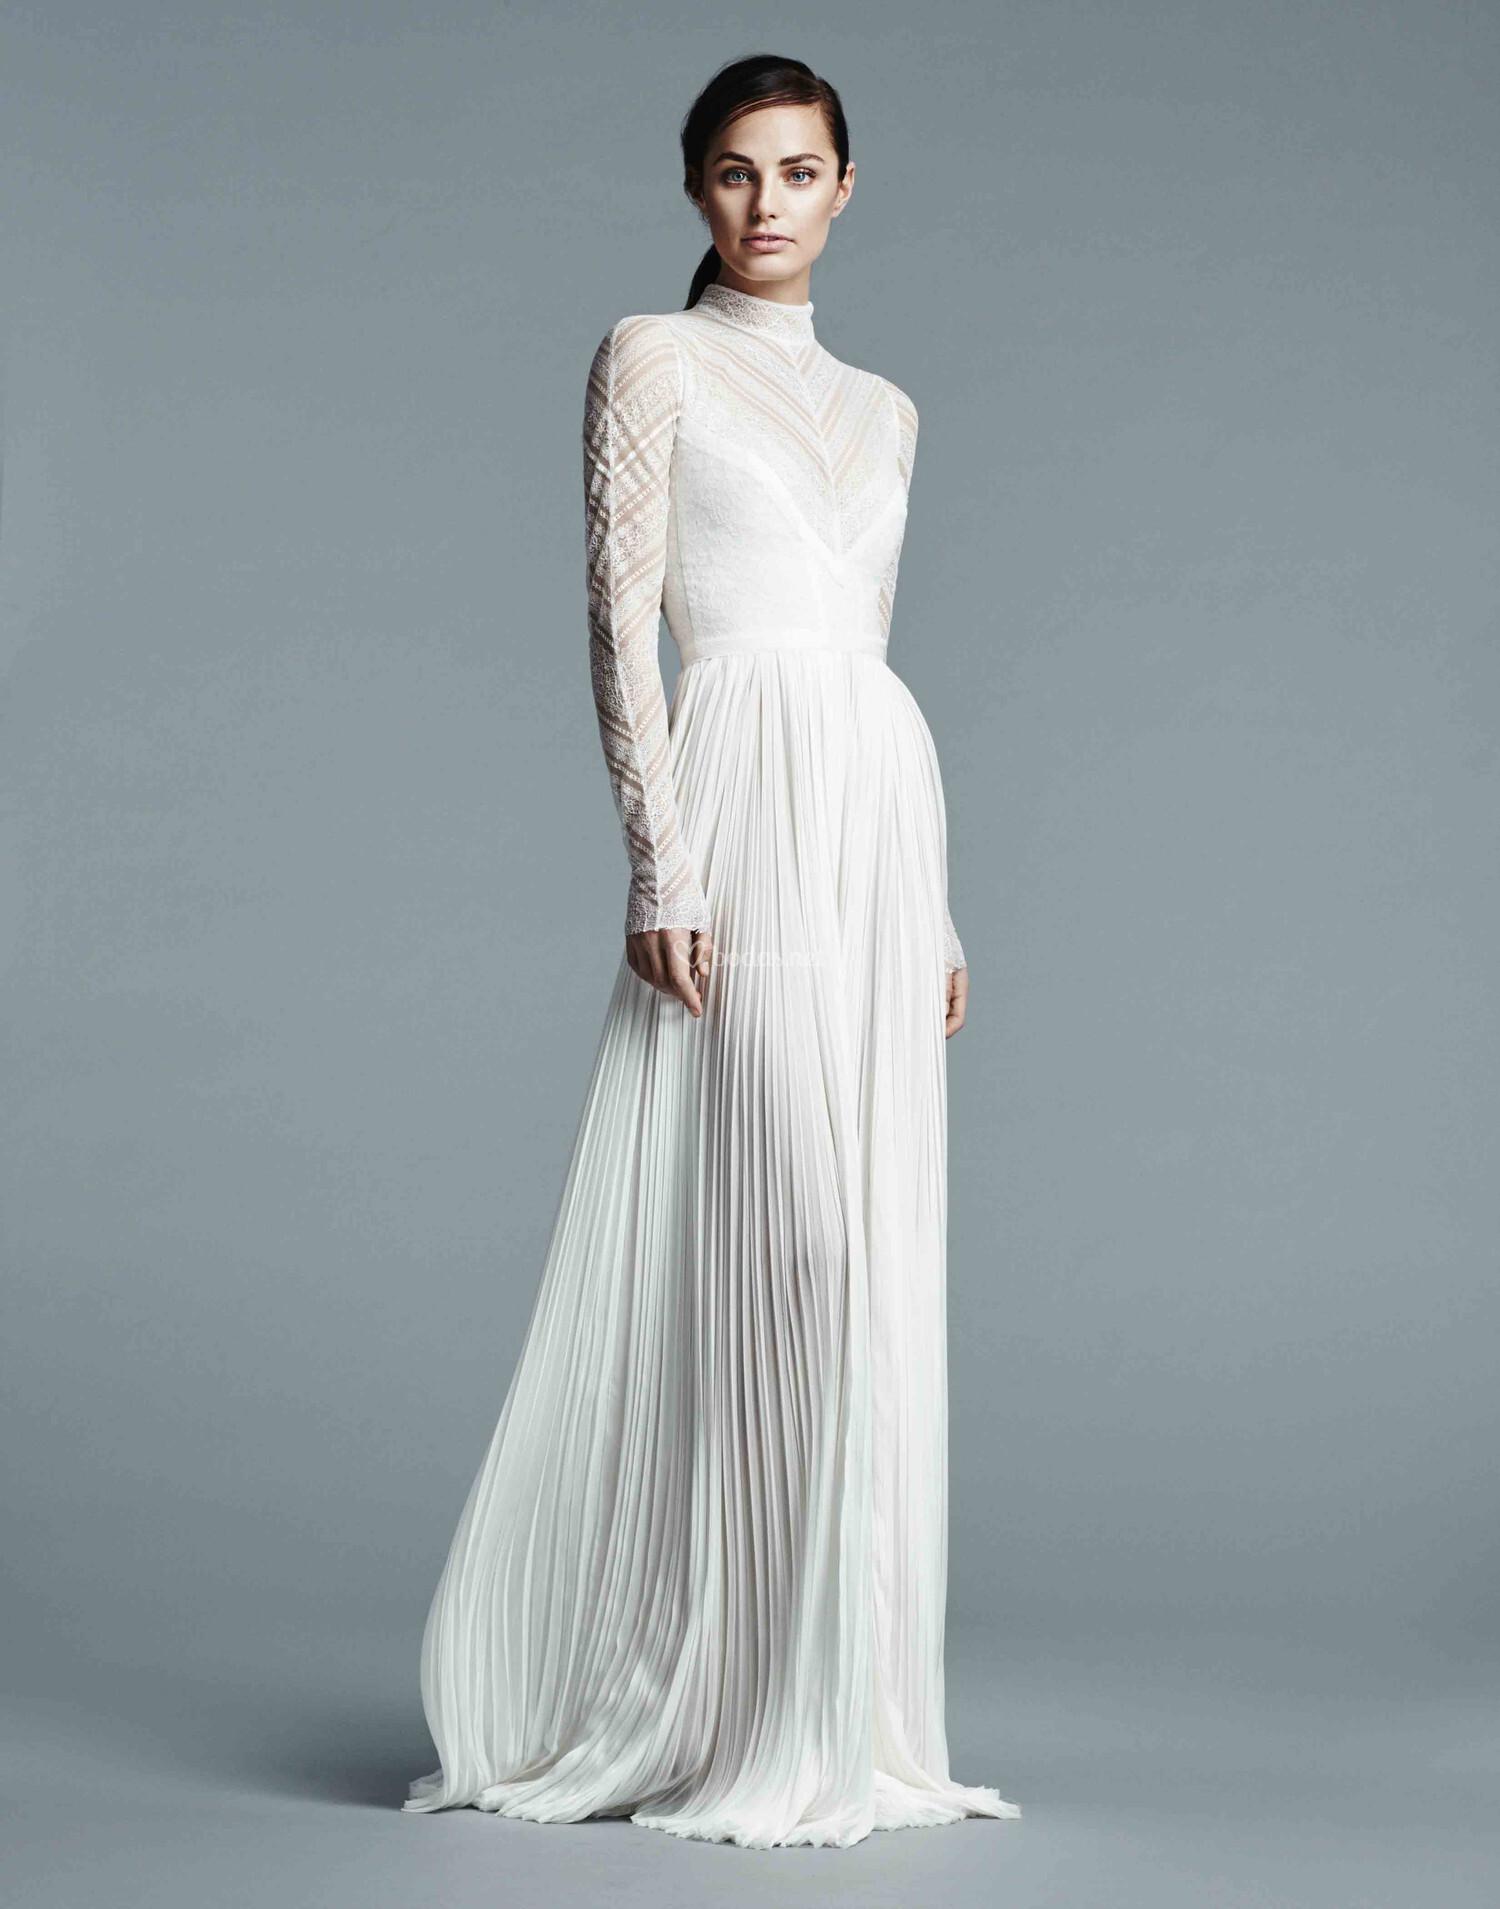 Vestidos de Novia de J. Mendel - 2017 - Bodas.net